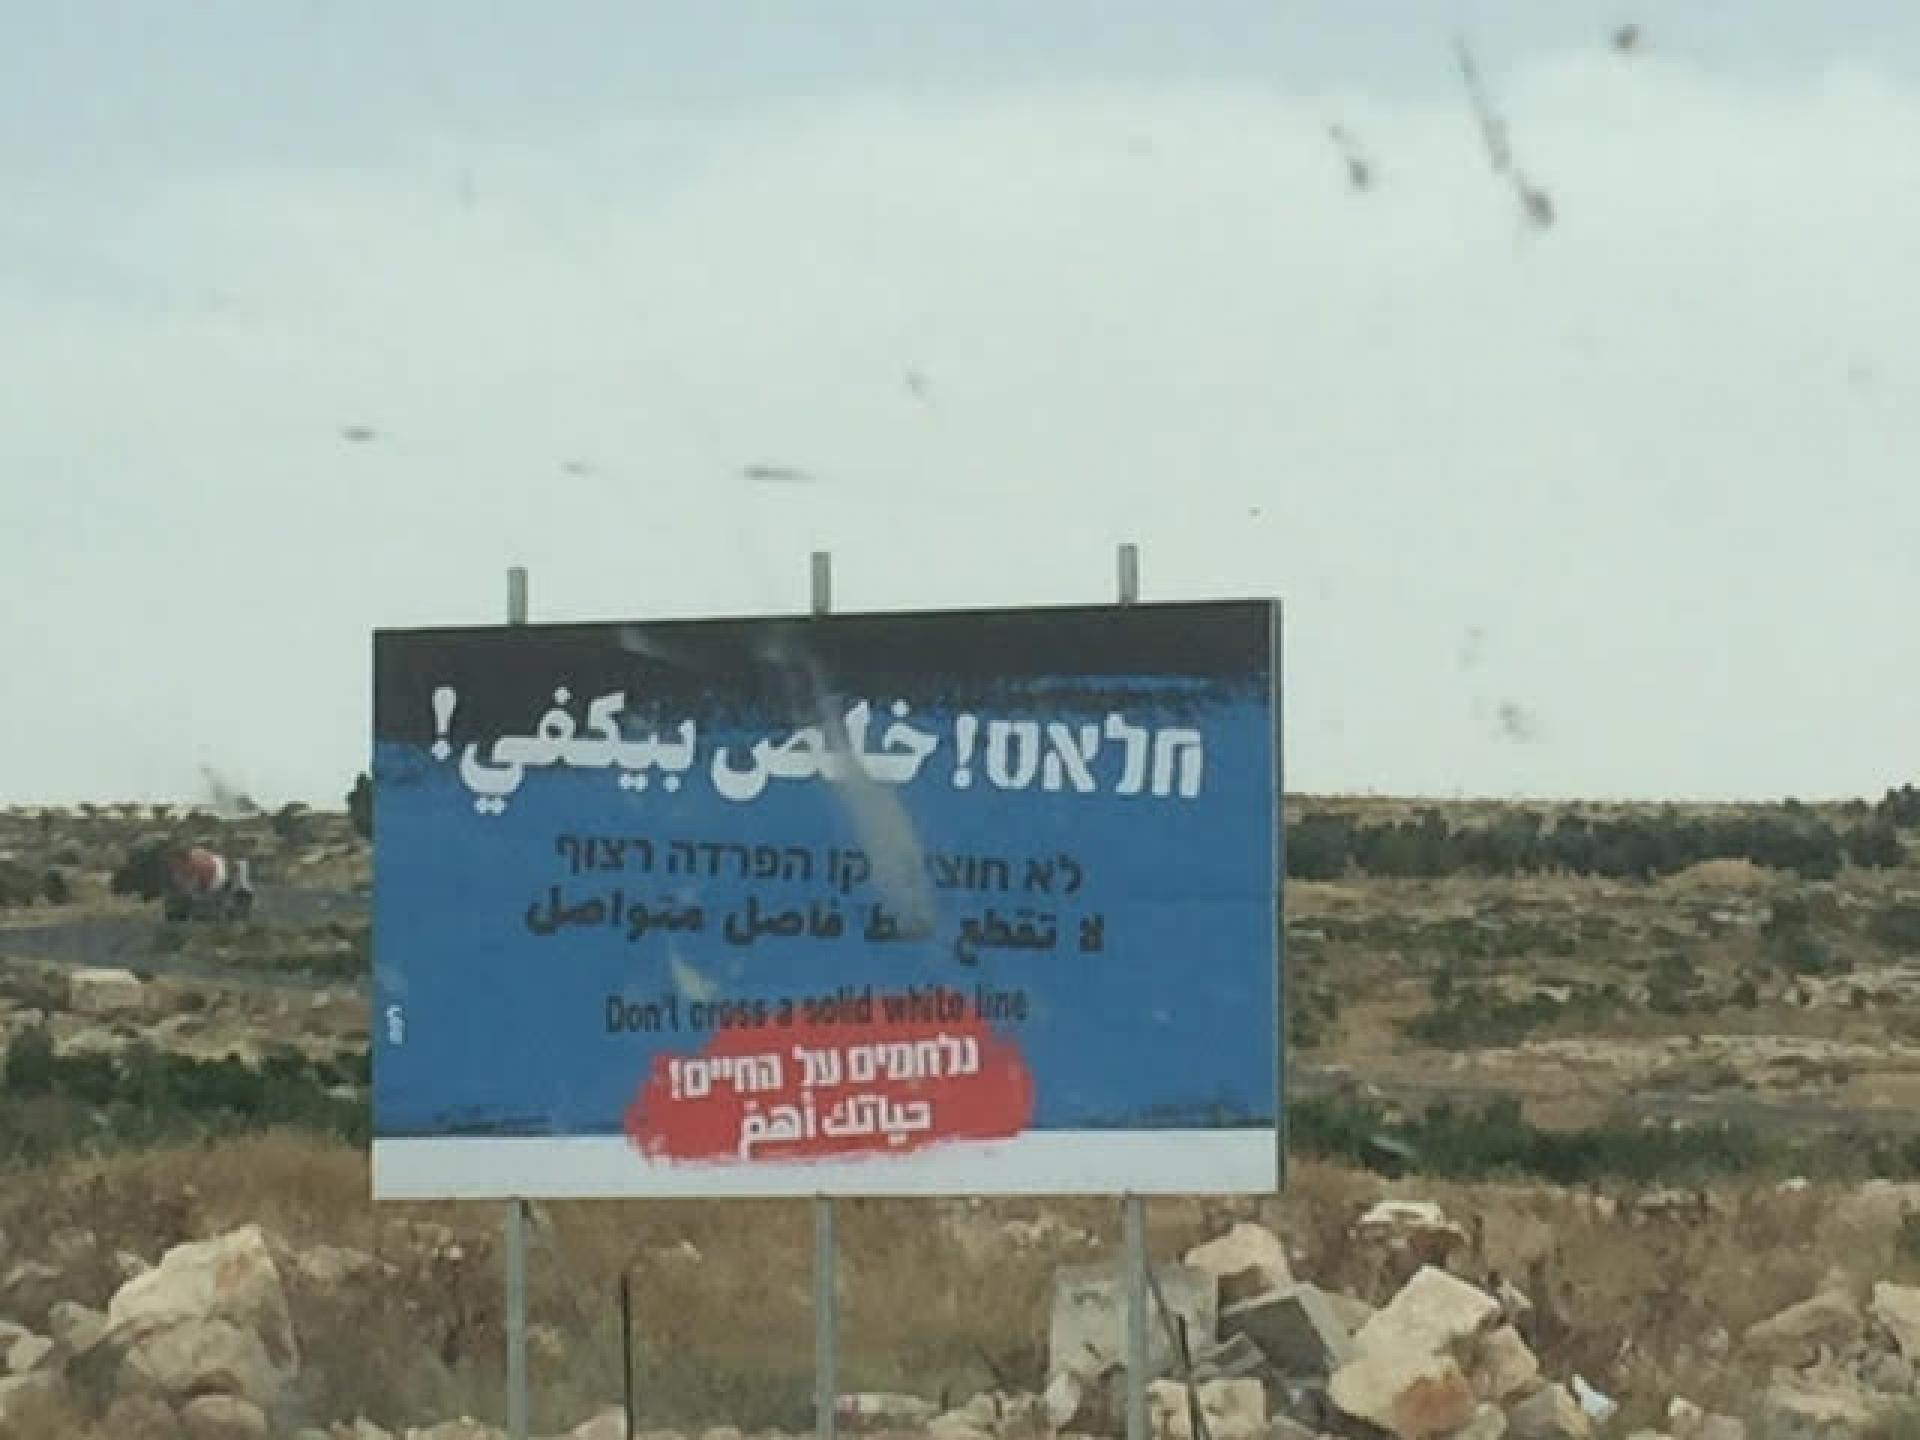 גם כביש 60 וגם כביש 317 מלאים בשלטים כאלה בשתי השפות